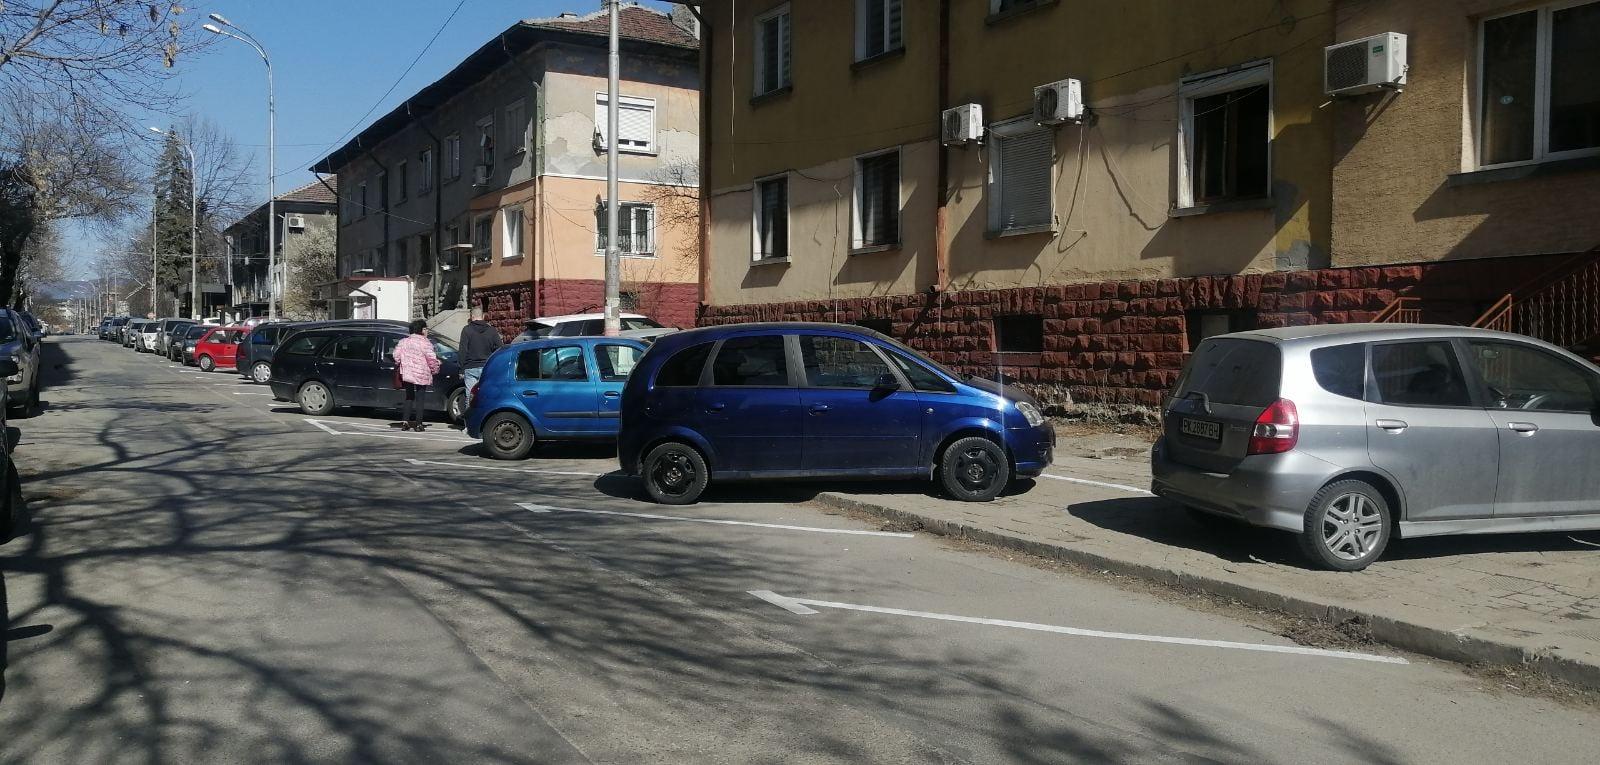 Още нови места за паркиране в Перник